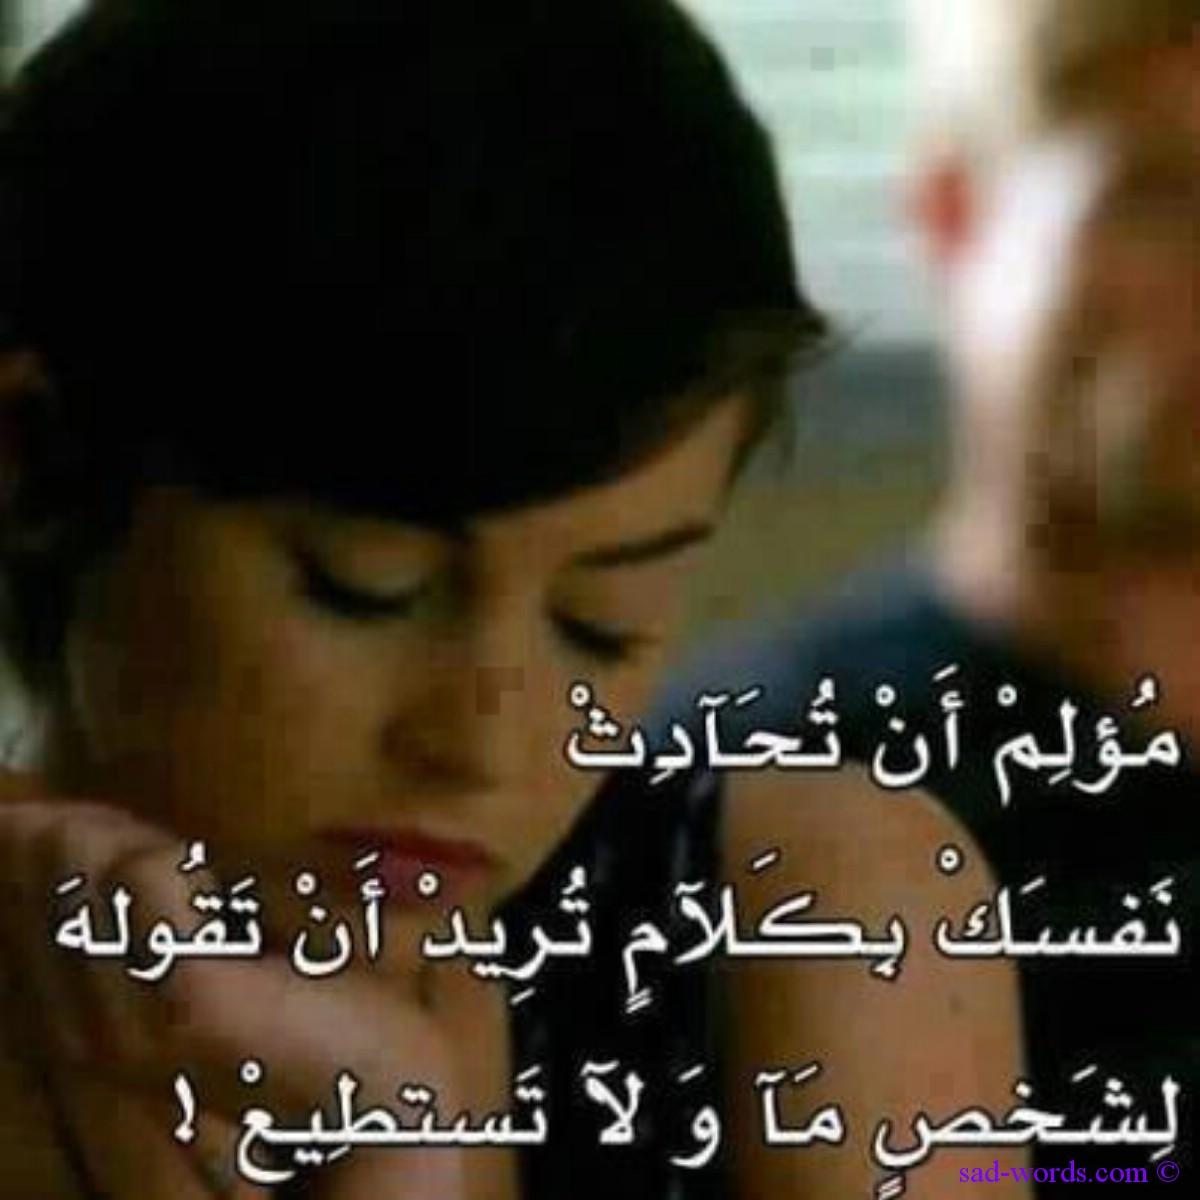 بالصور صور حب حزينه احلى صور حزينه صور حب حزينه , حلفيات زعل العشاق 3913